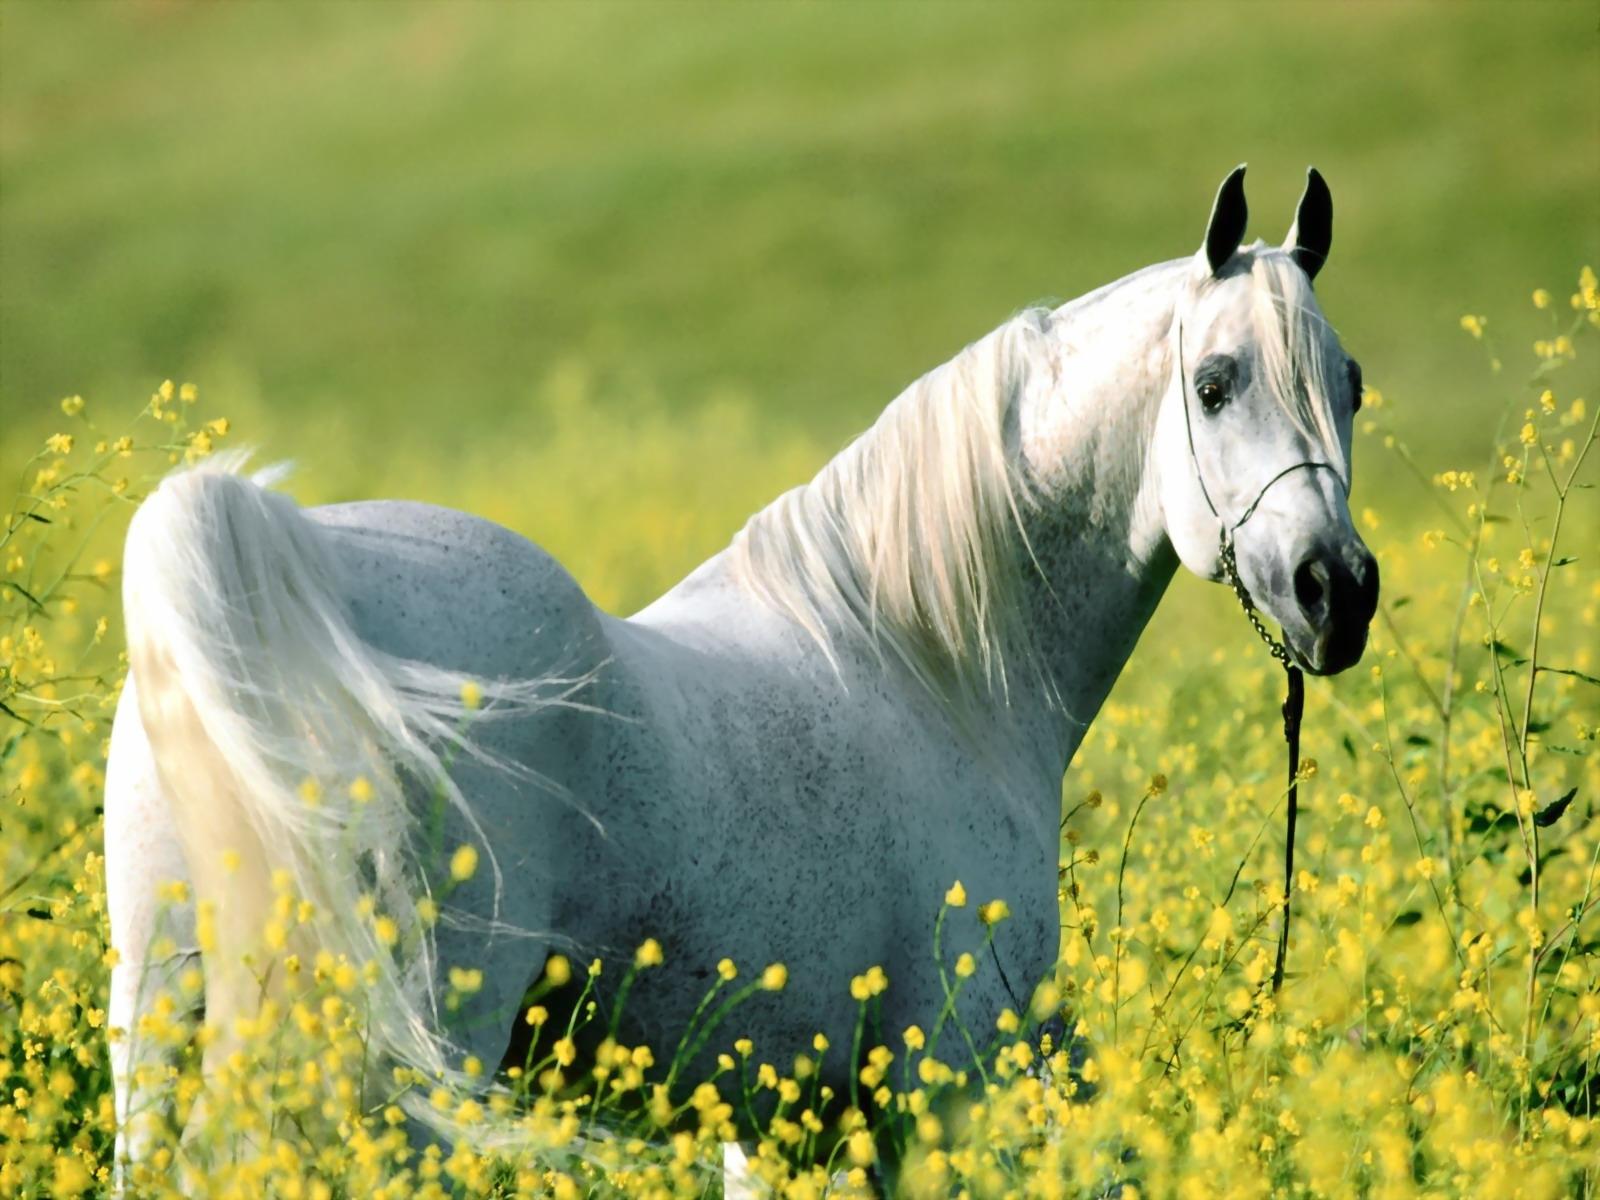 atlarin-kisin-bulundugu-ortam-sicakligi-kac-derece-olmali